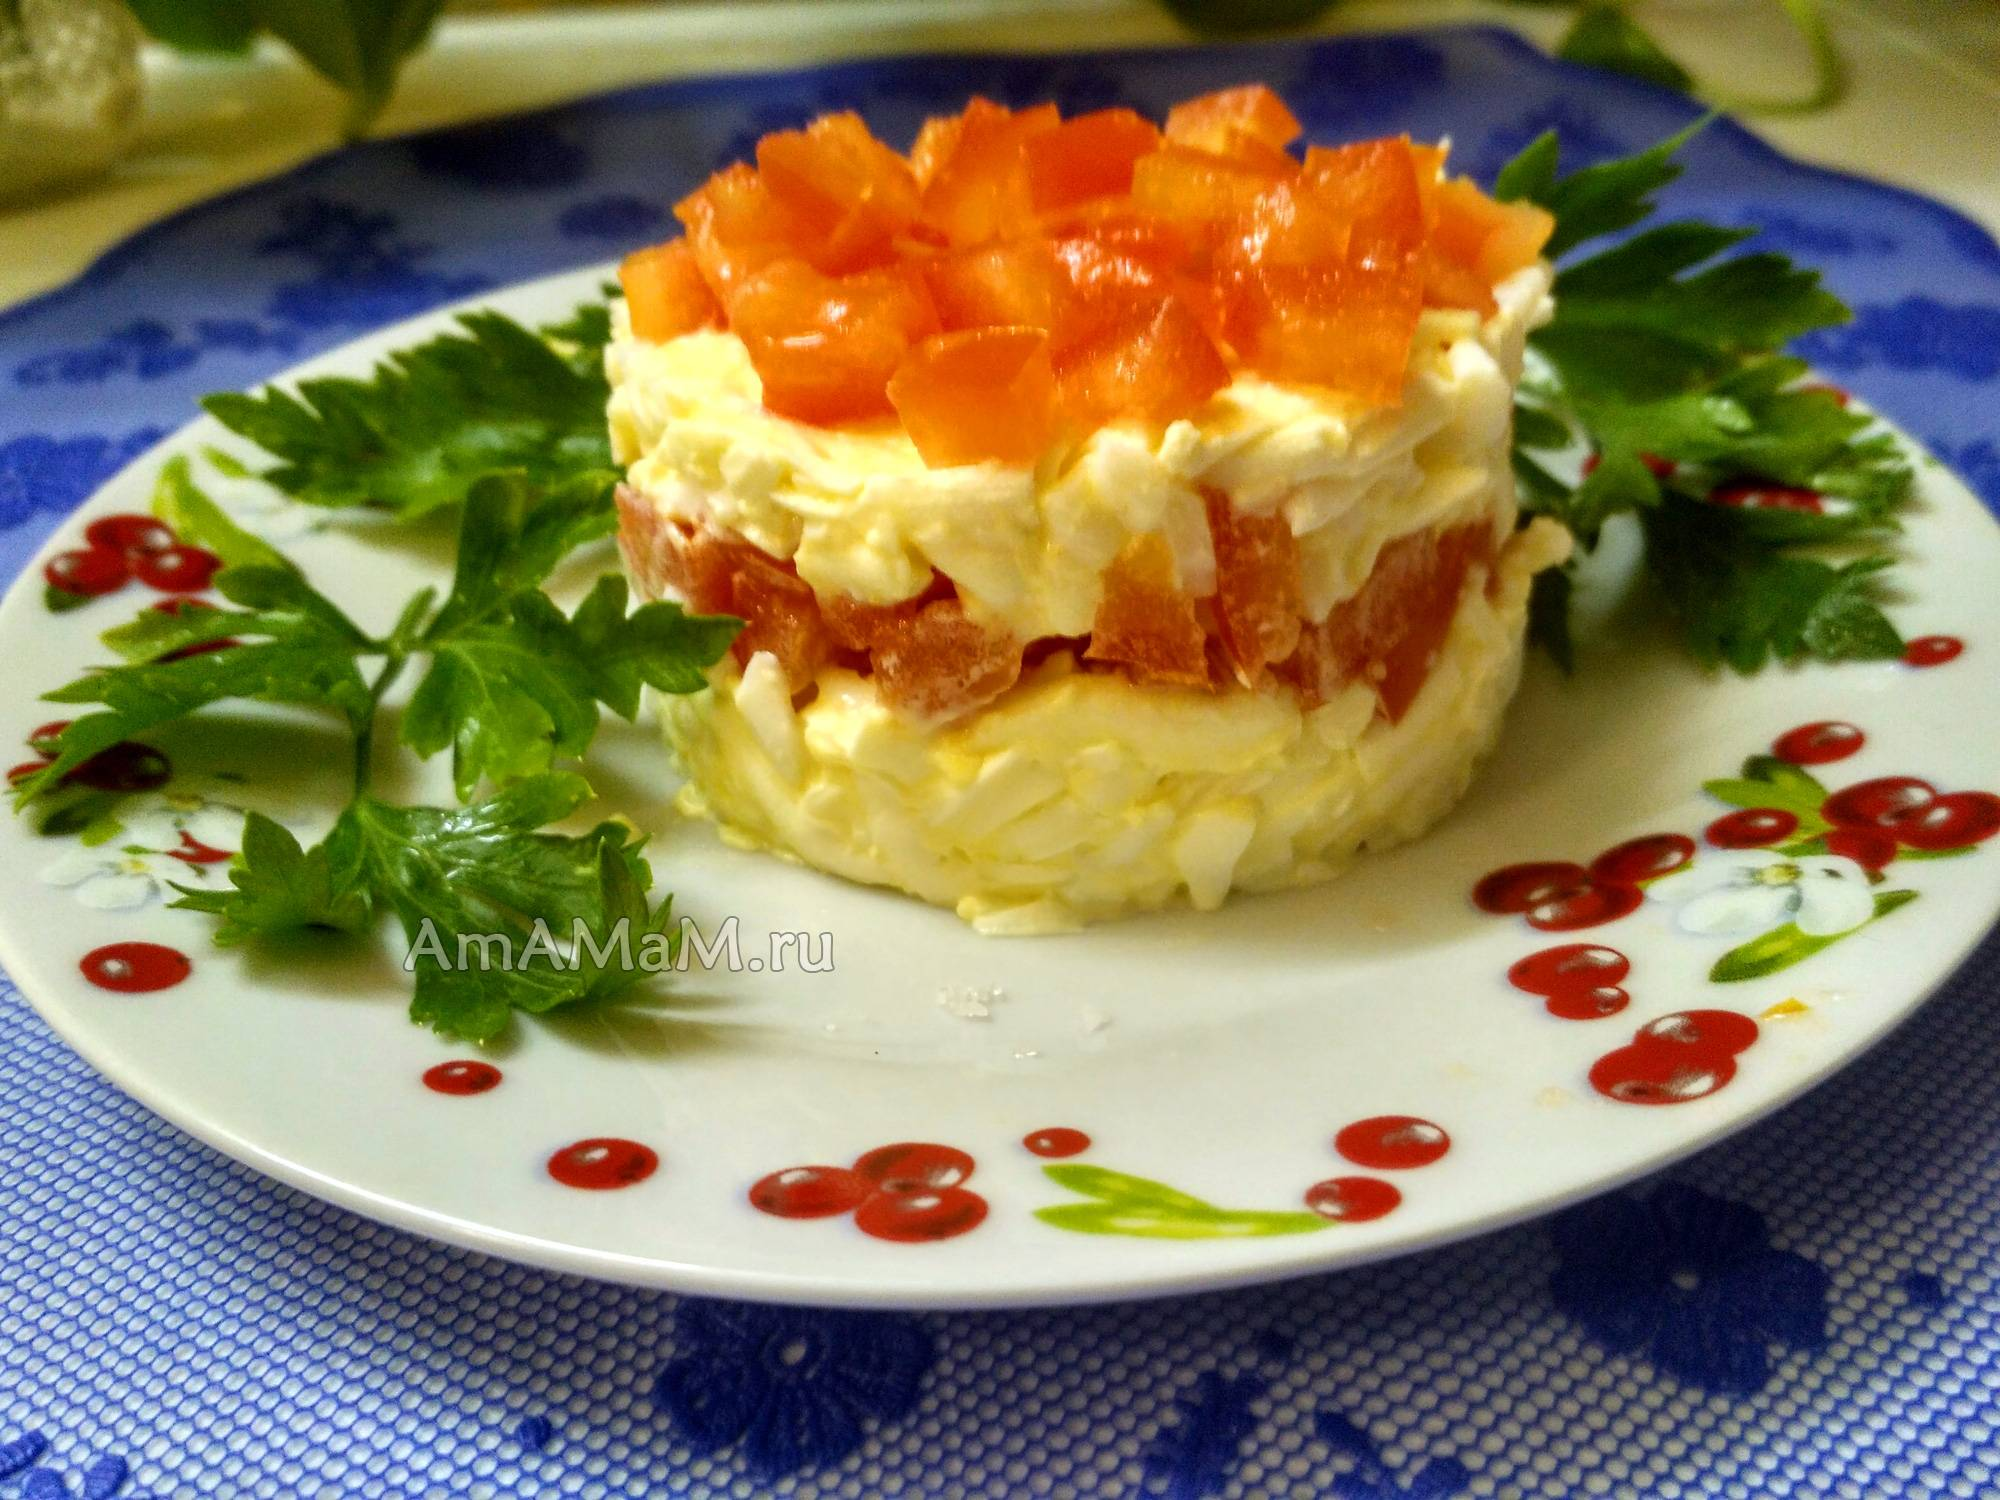 Еврейский салат: классический рецепт с сыром и яйцом